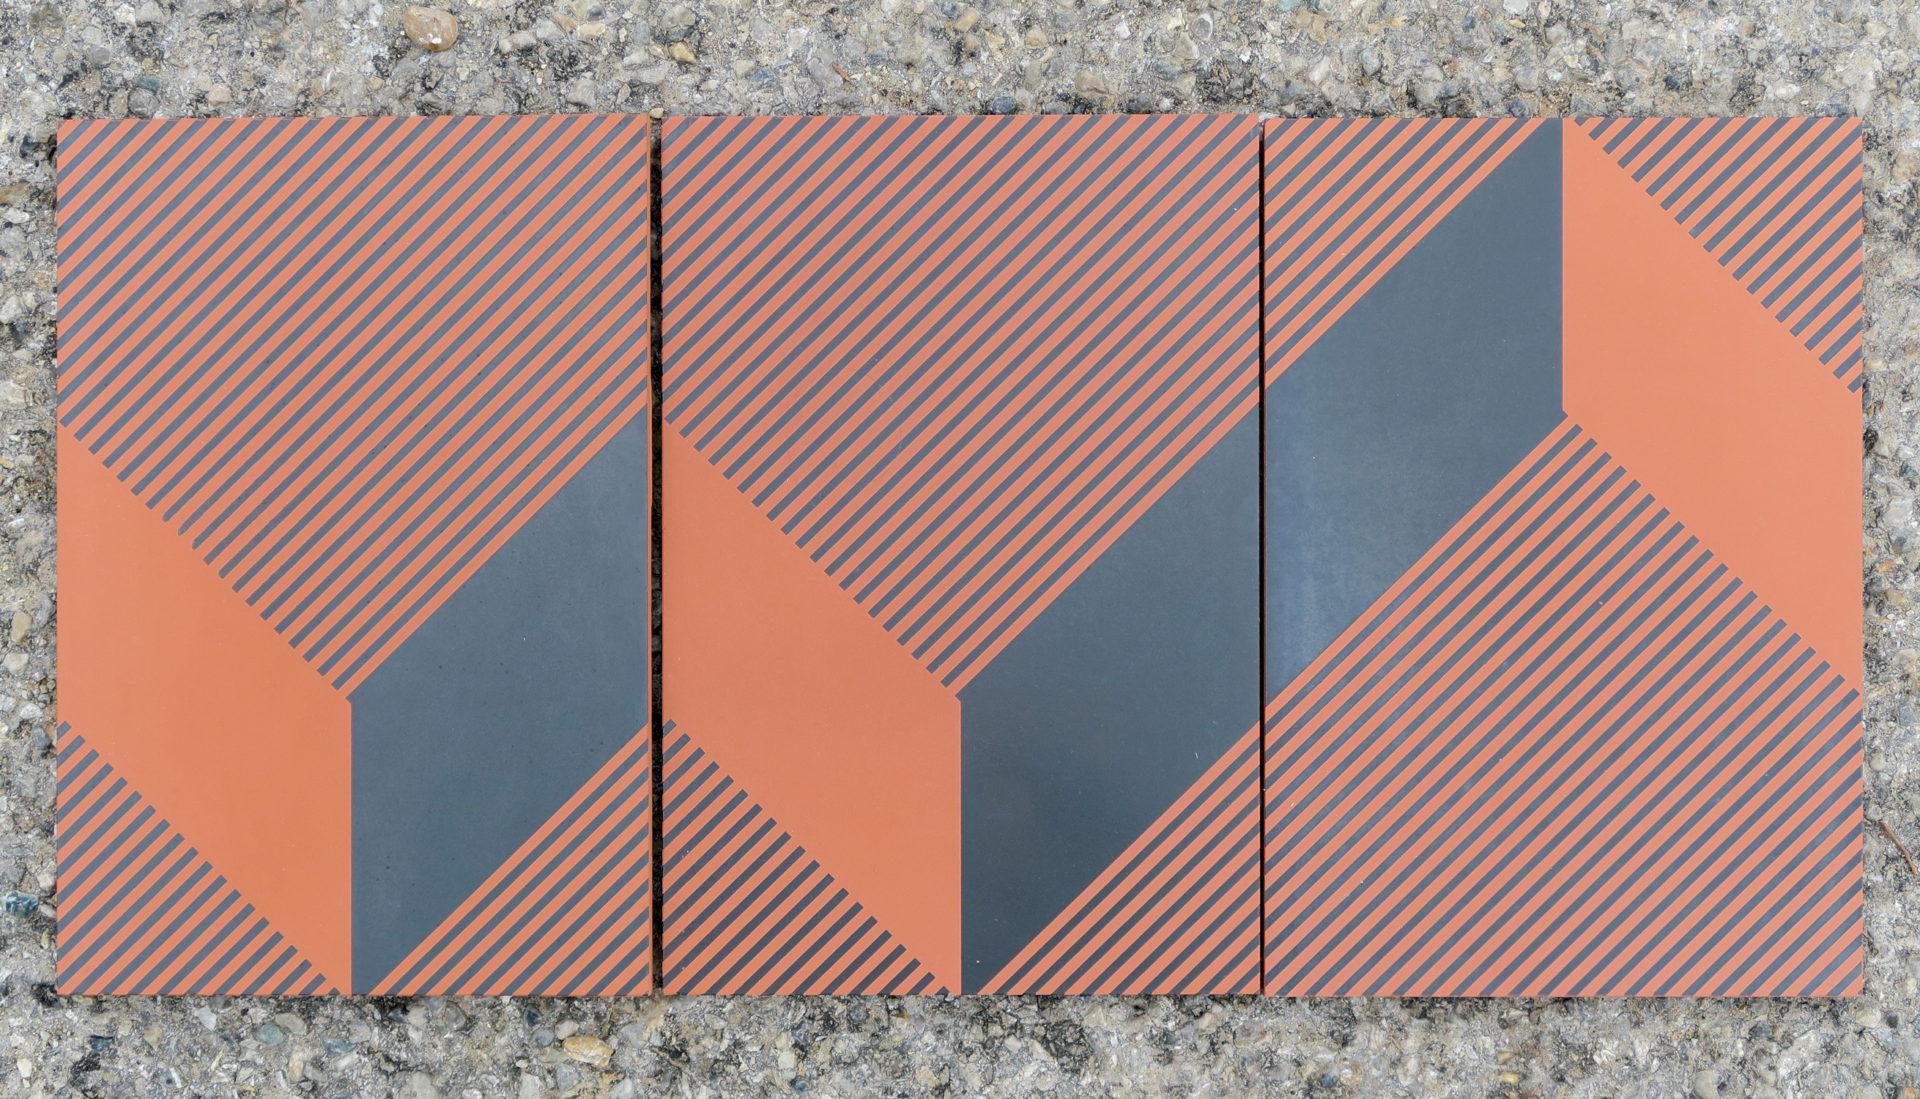 geometrico_3carreaux_leg